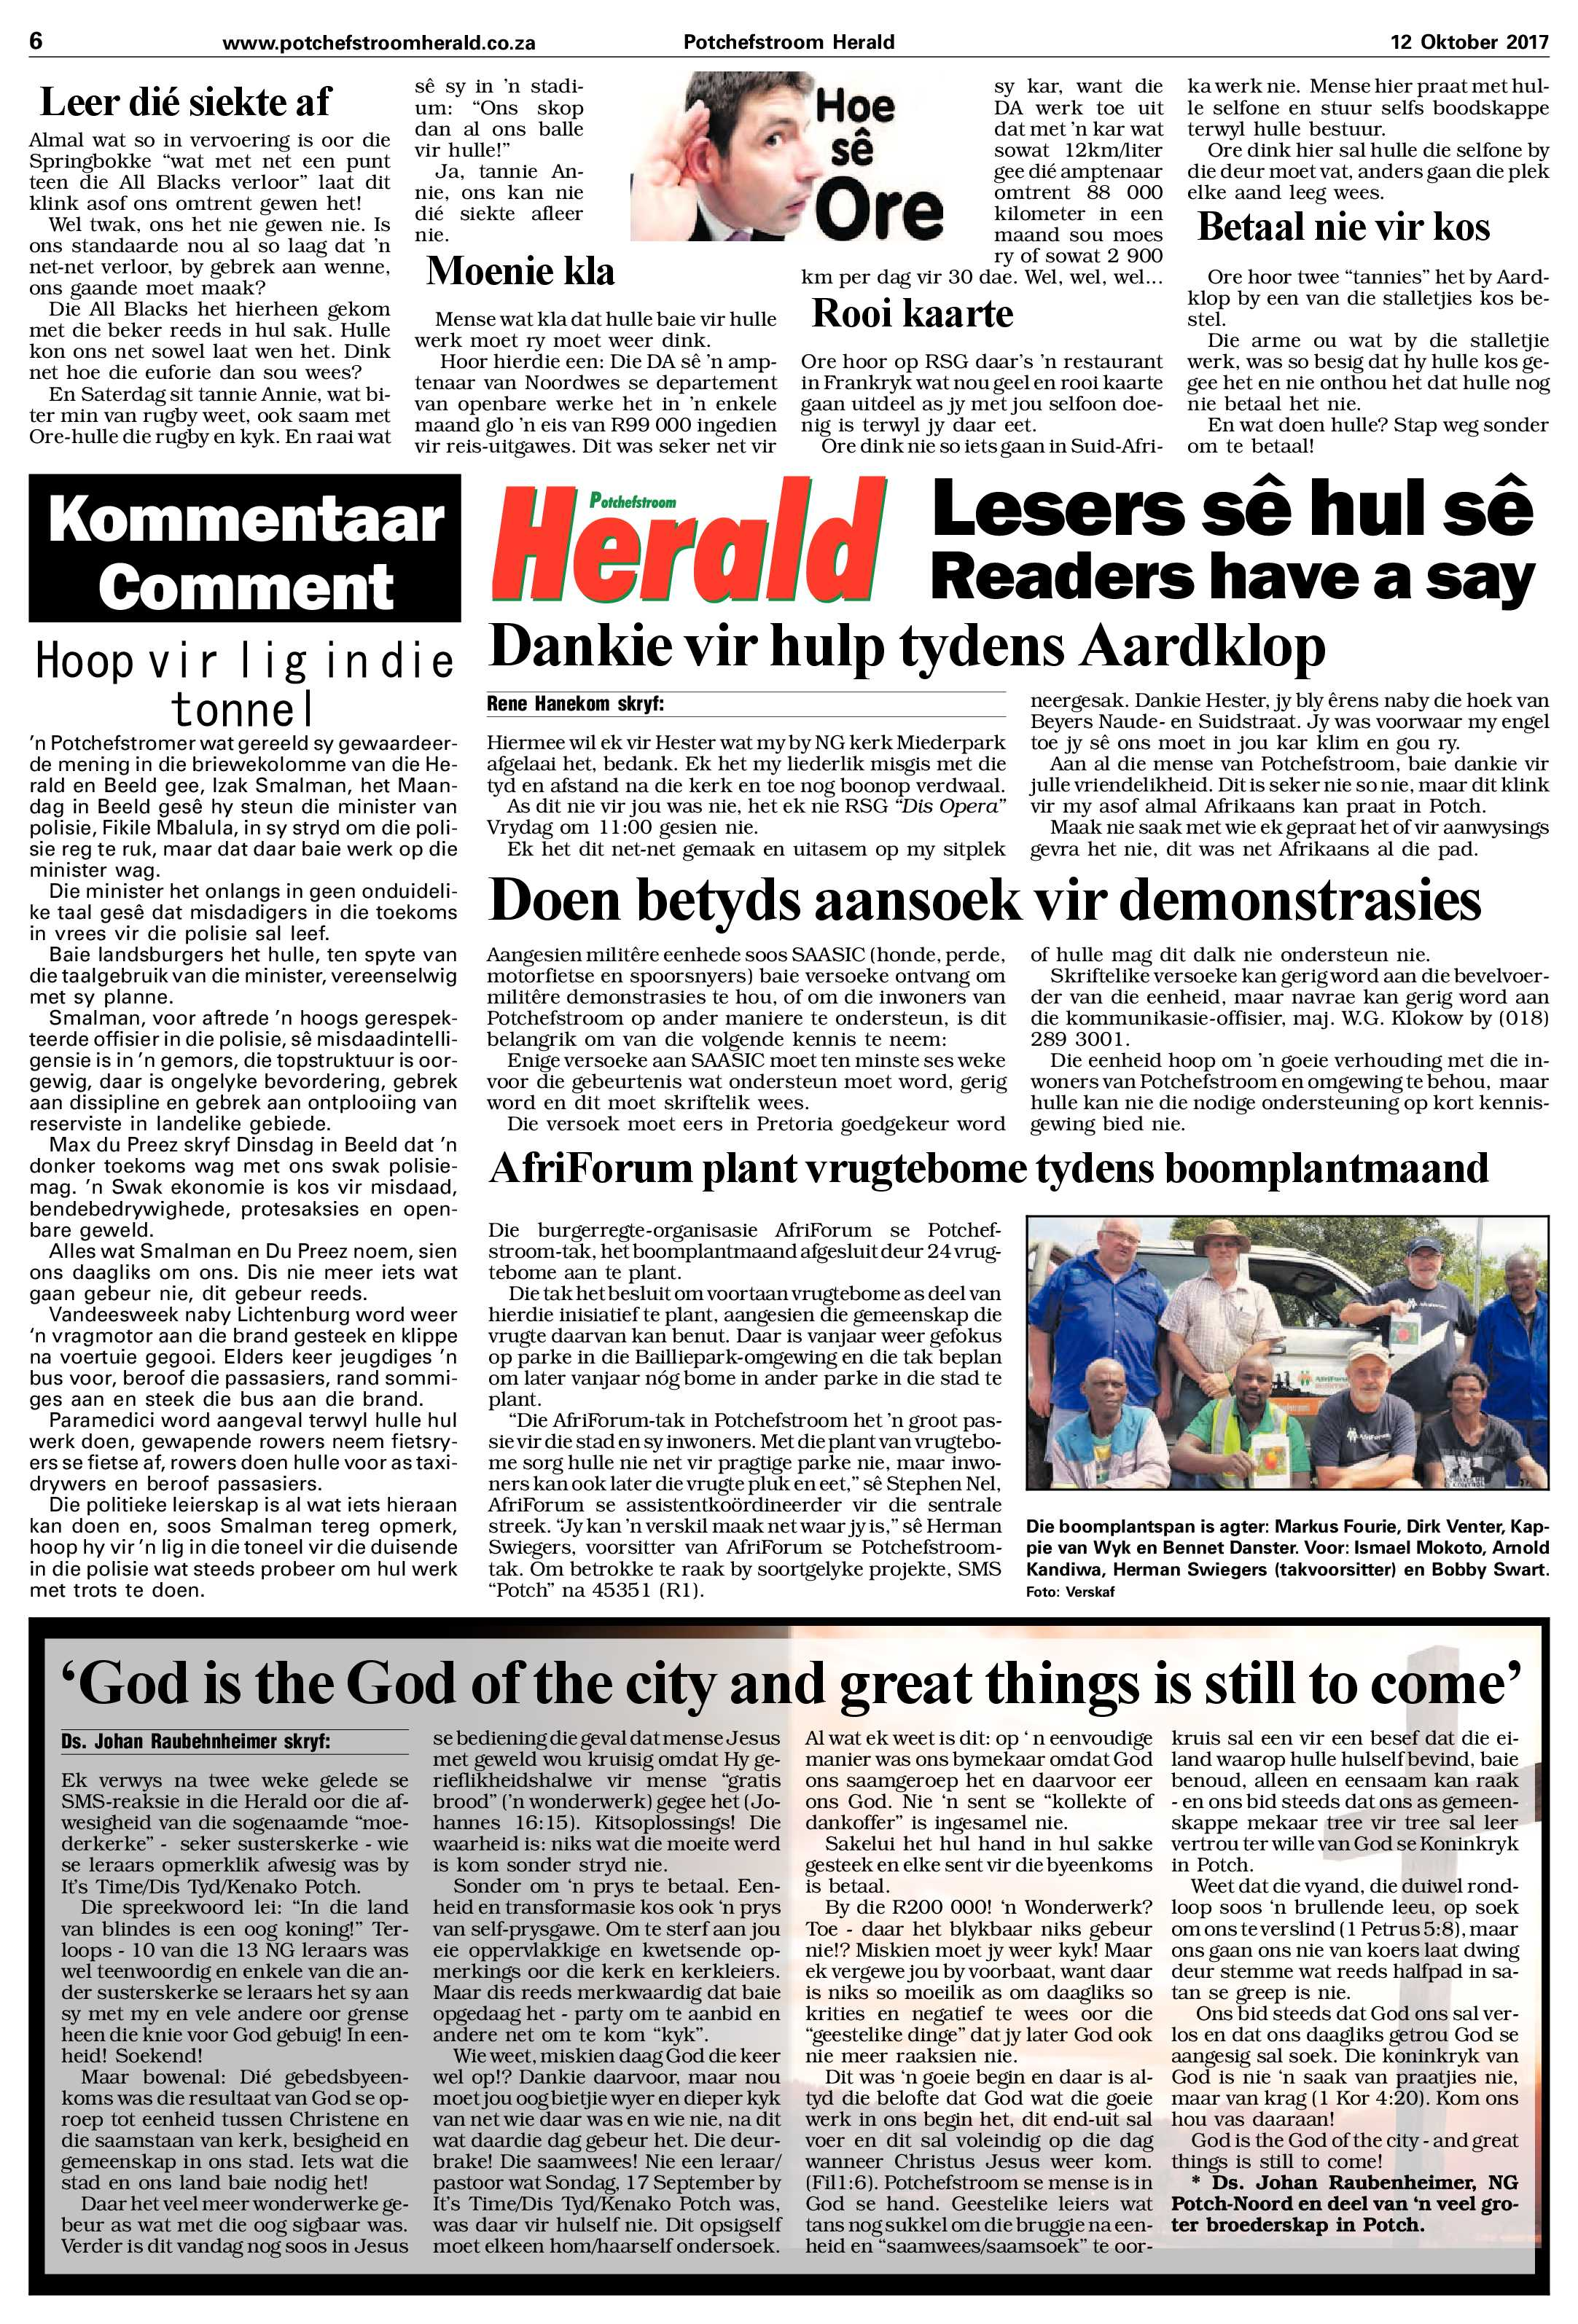 12-oktober-2017-epapers-page-6